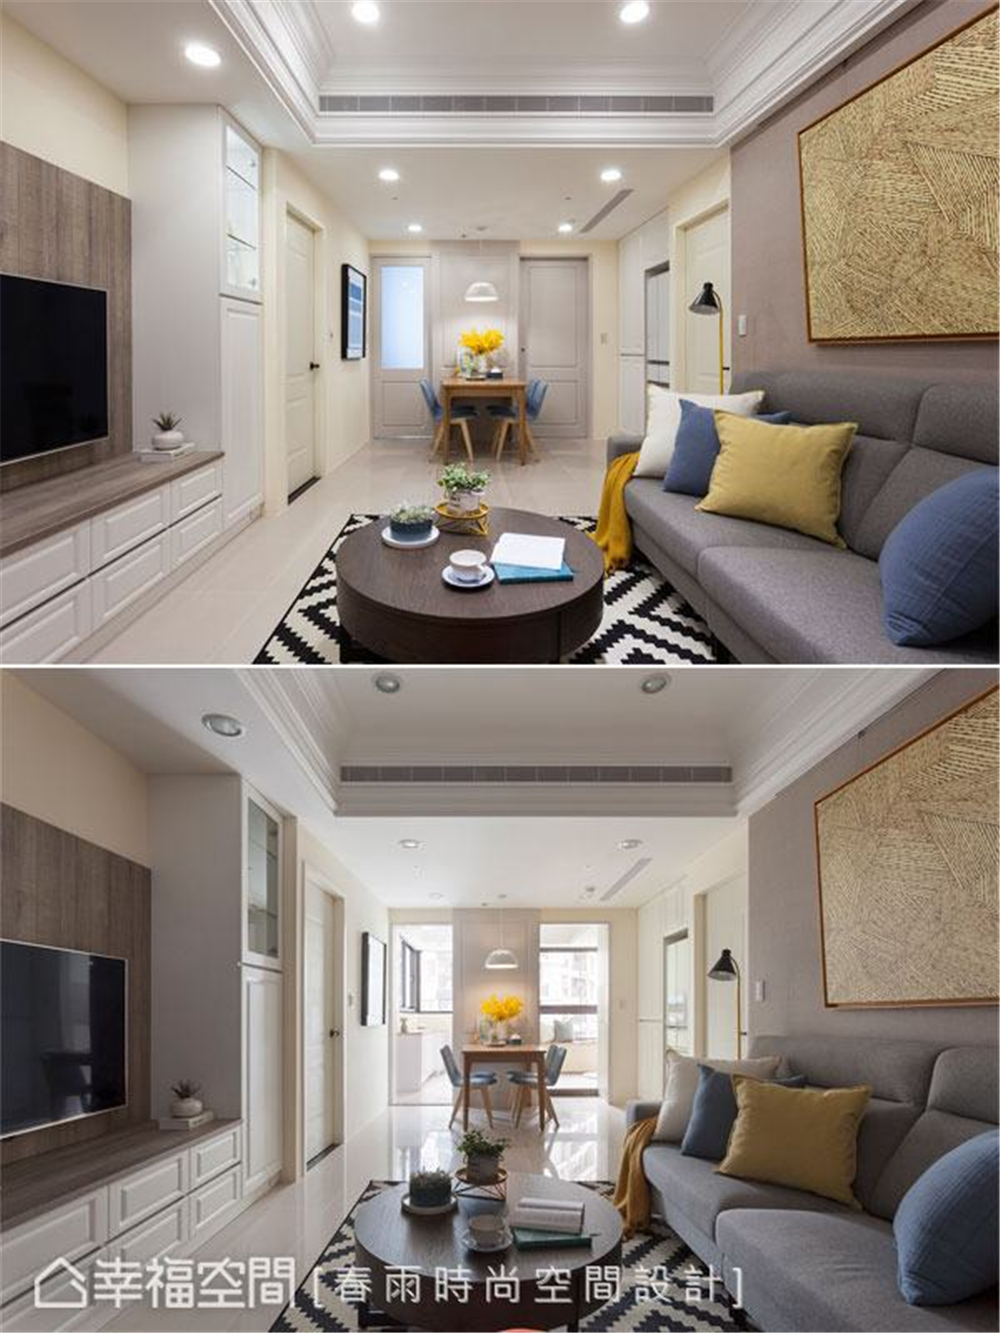 装修设计 装修完成 休闲风格 客厅图片来自幸福空间在69平, 跨龄美式混搭温馨宅的分享